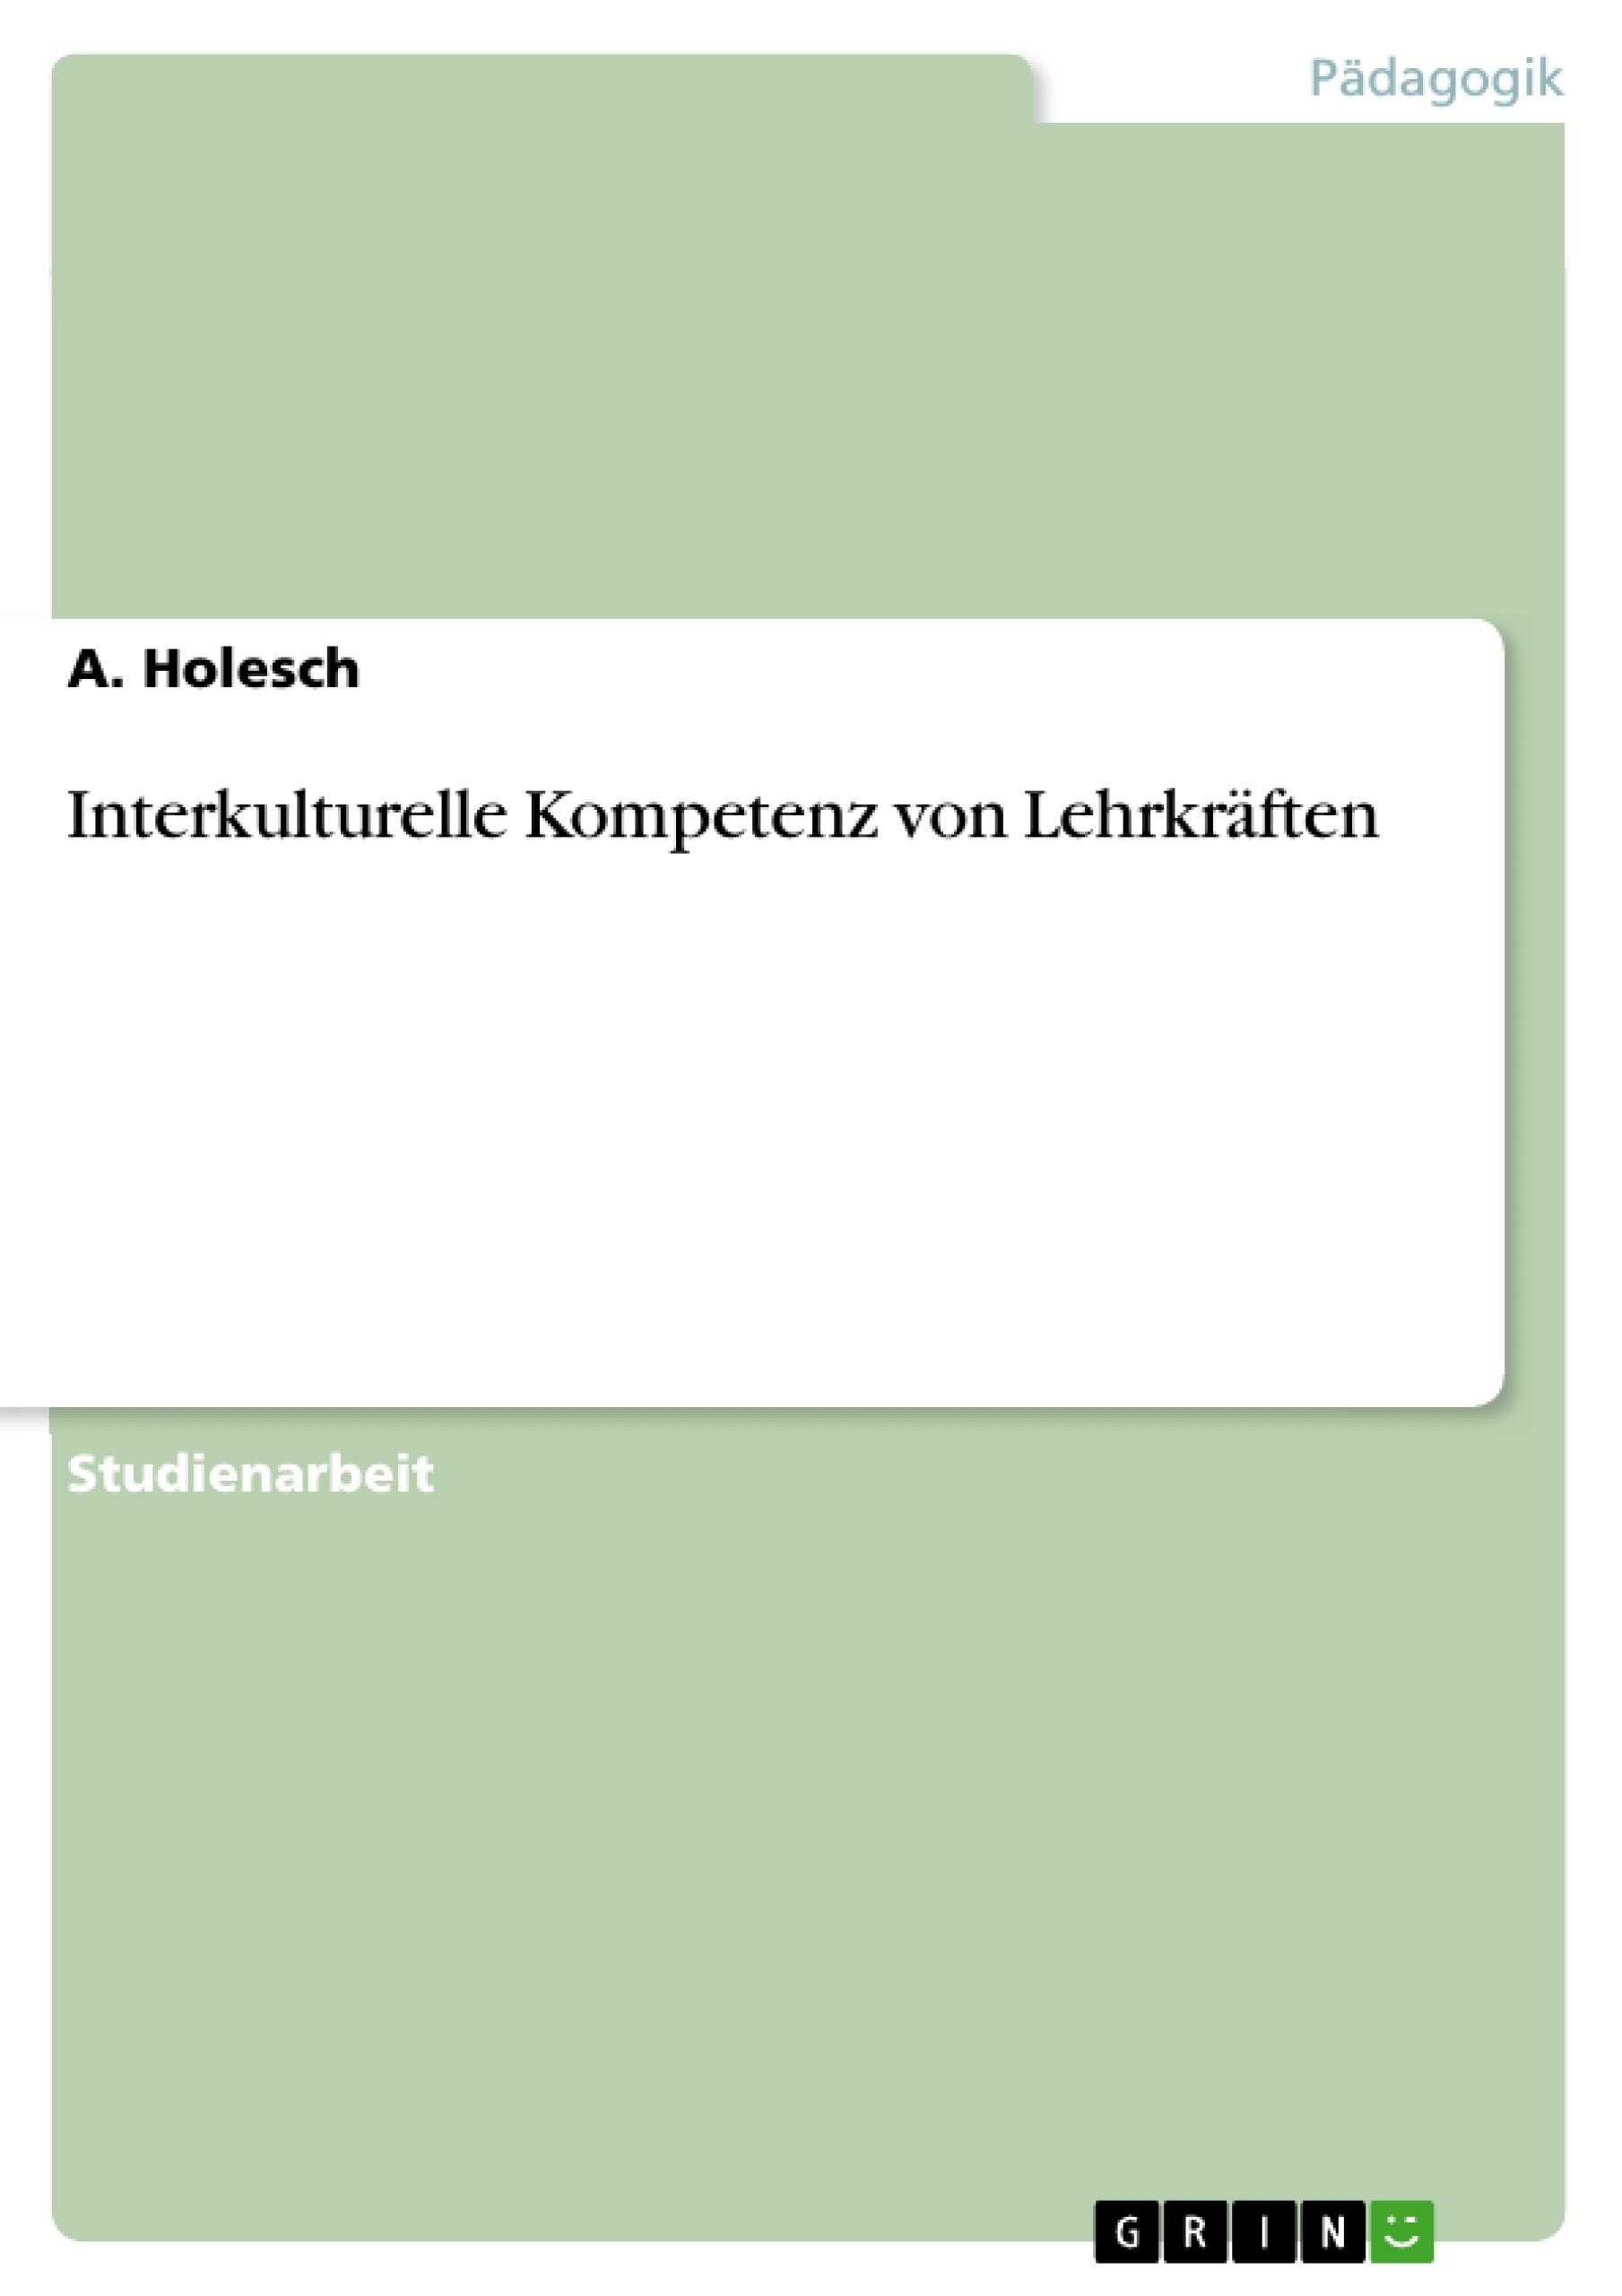 Titel: Interkulturelle Kompetenz von Lehrkräften